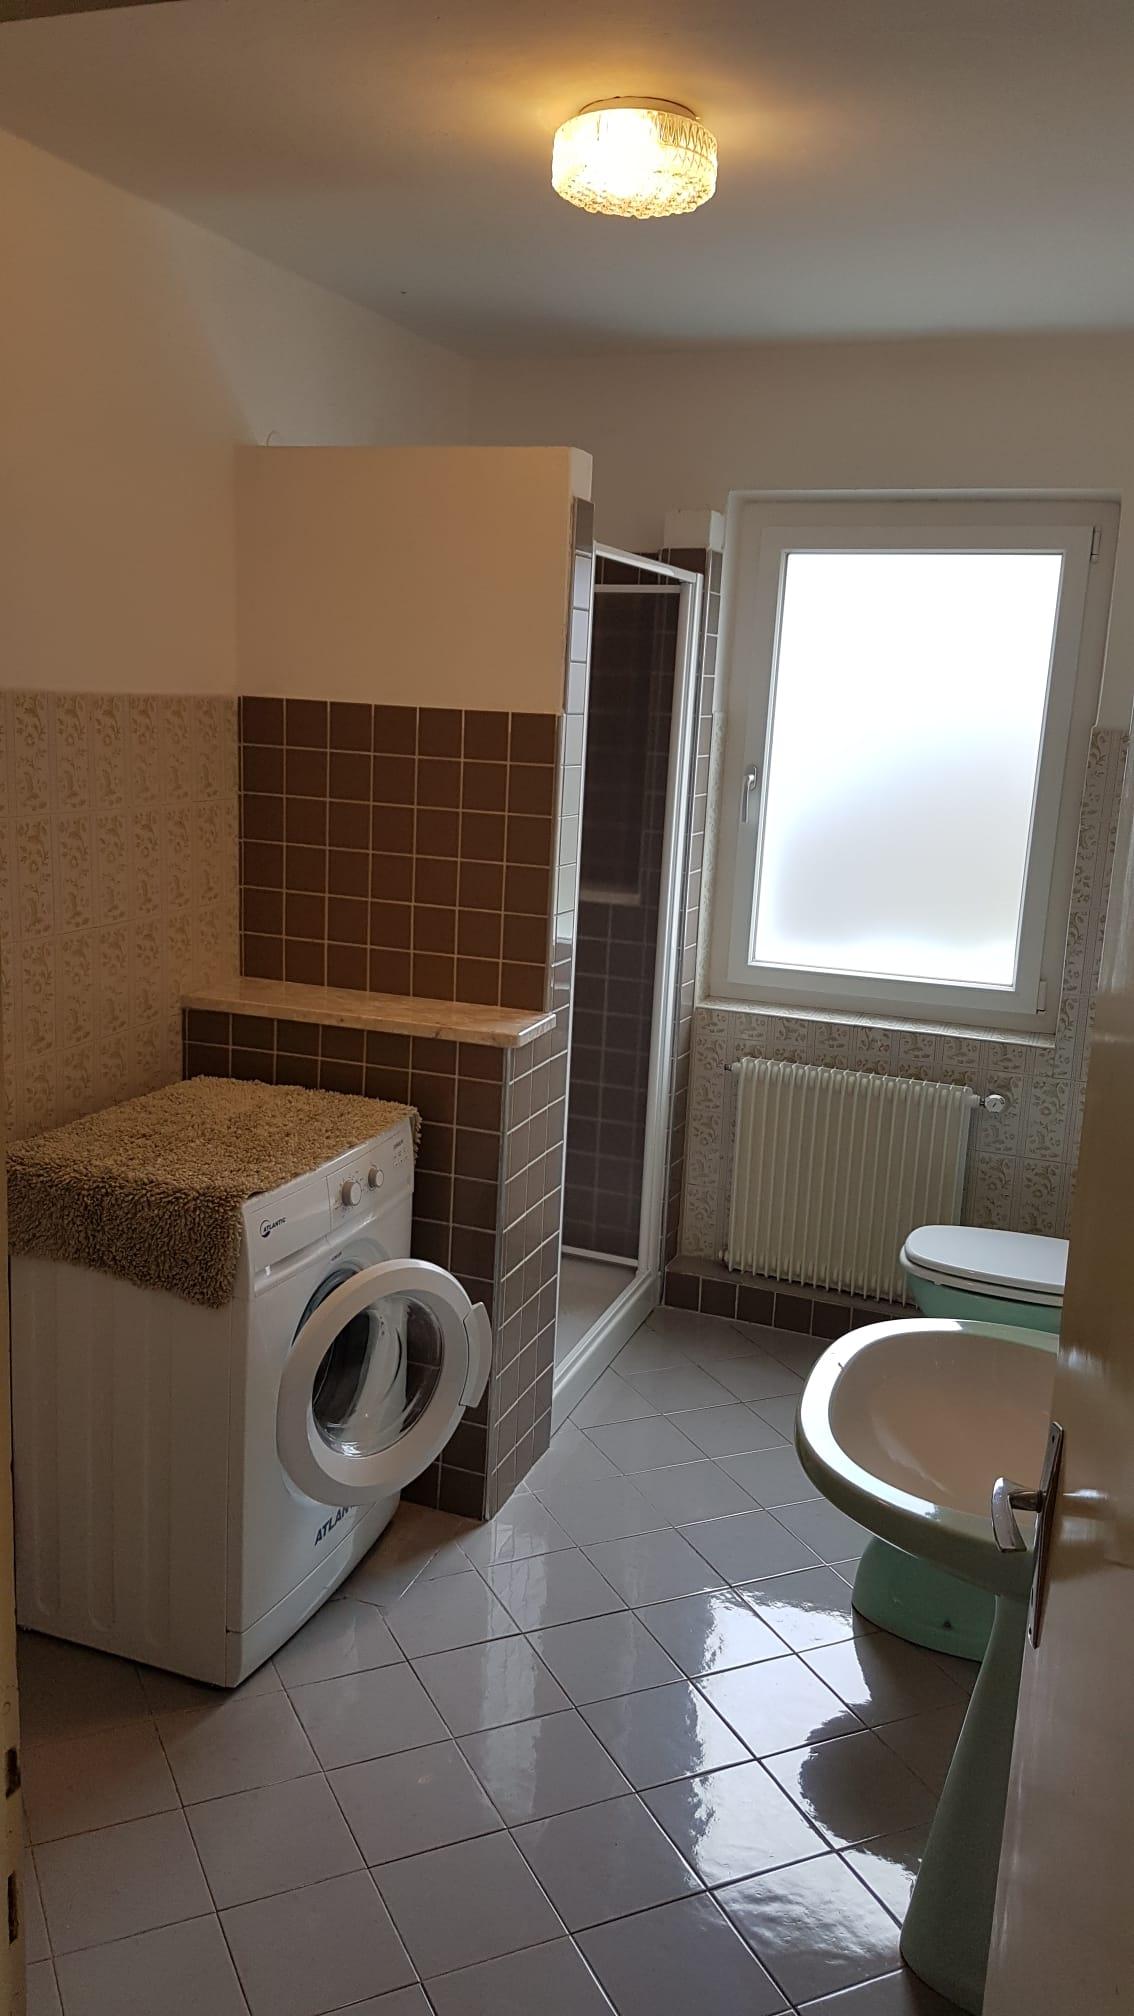 Appartamento / Flat / Wohnung zu vermieten a Cavalese - Divan Luigi - Via Brunetta 6 - Tel: 3485900104